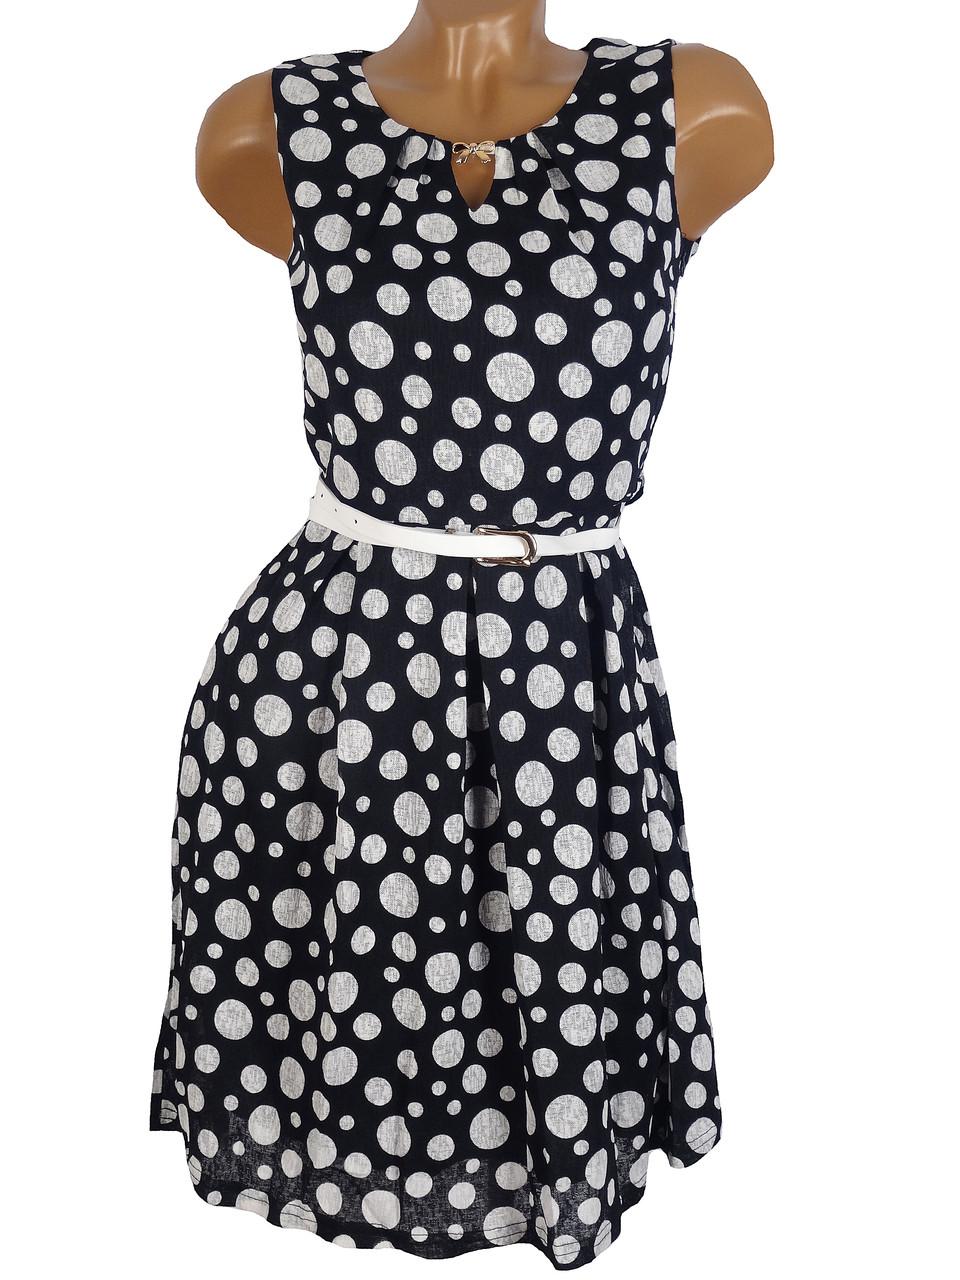 Женское платье-горох 42-44